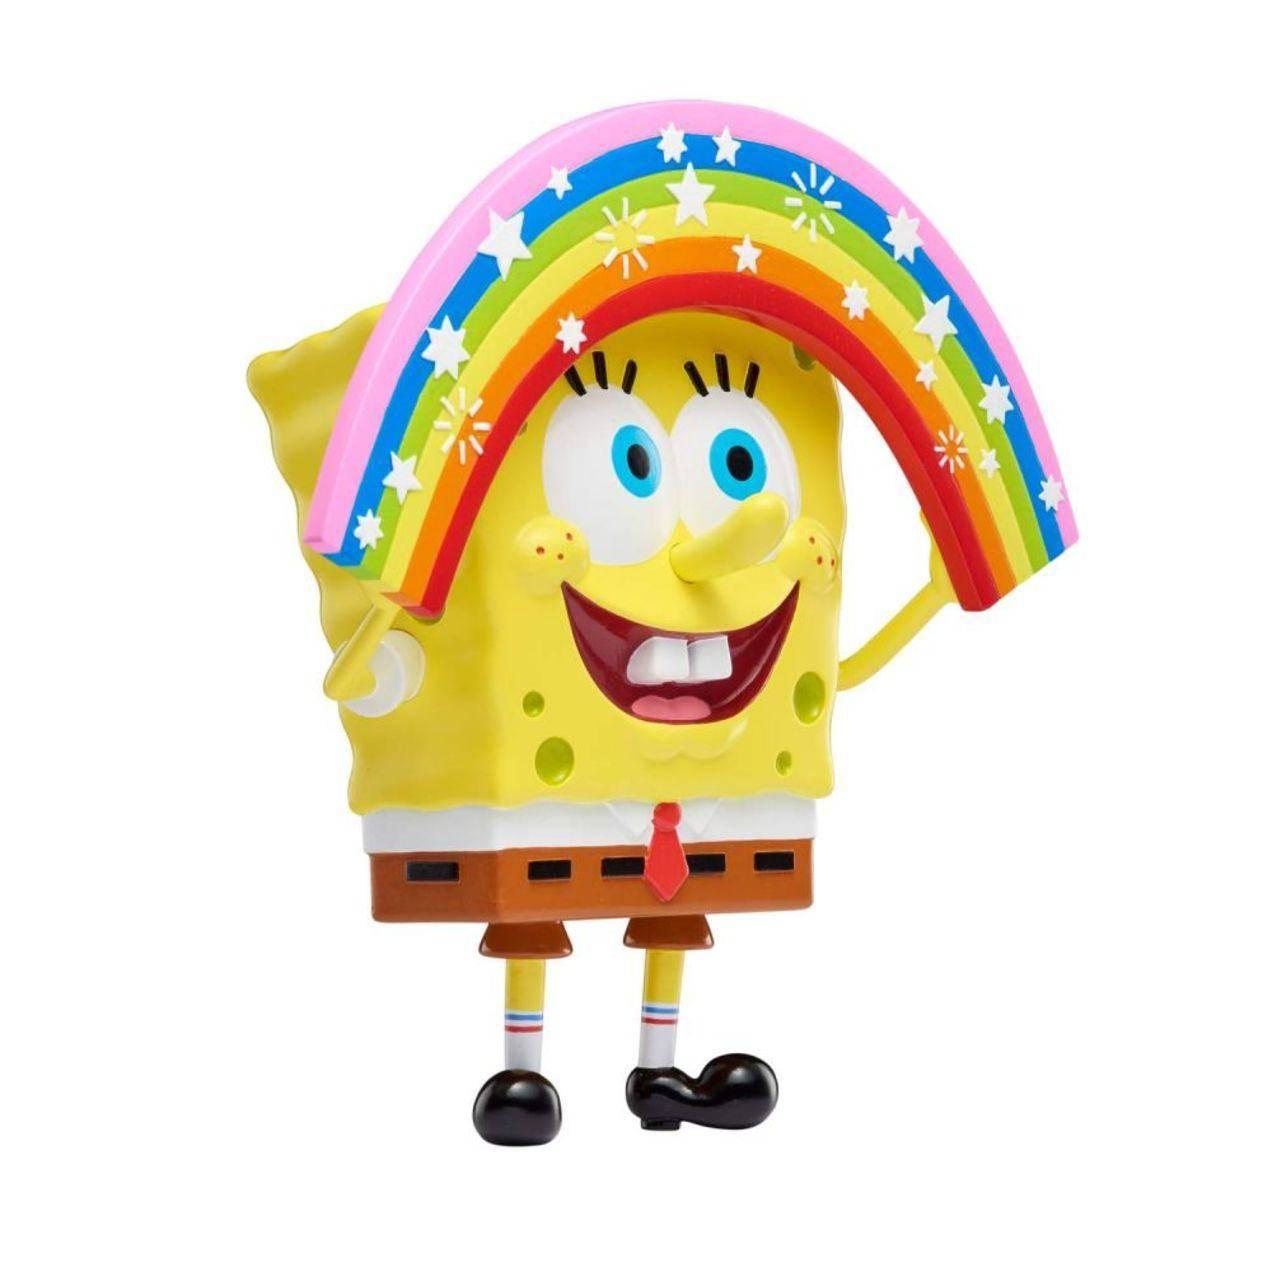 Nickelodeon presenta figuras de memes de Bob Esponja 4